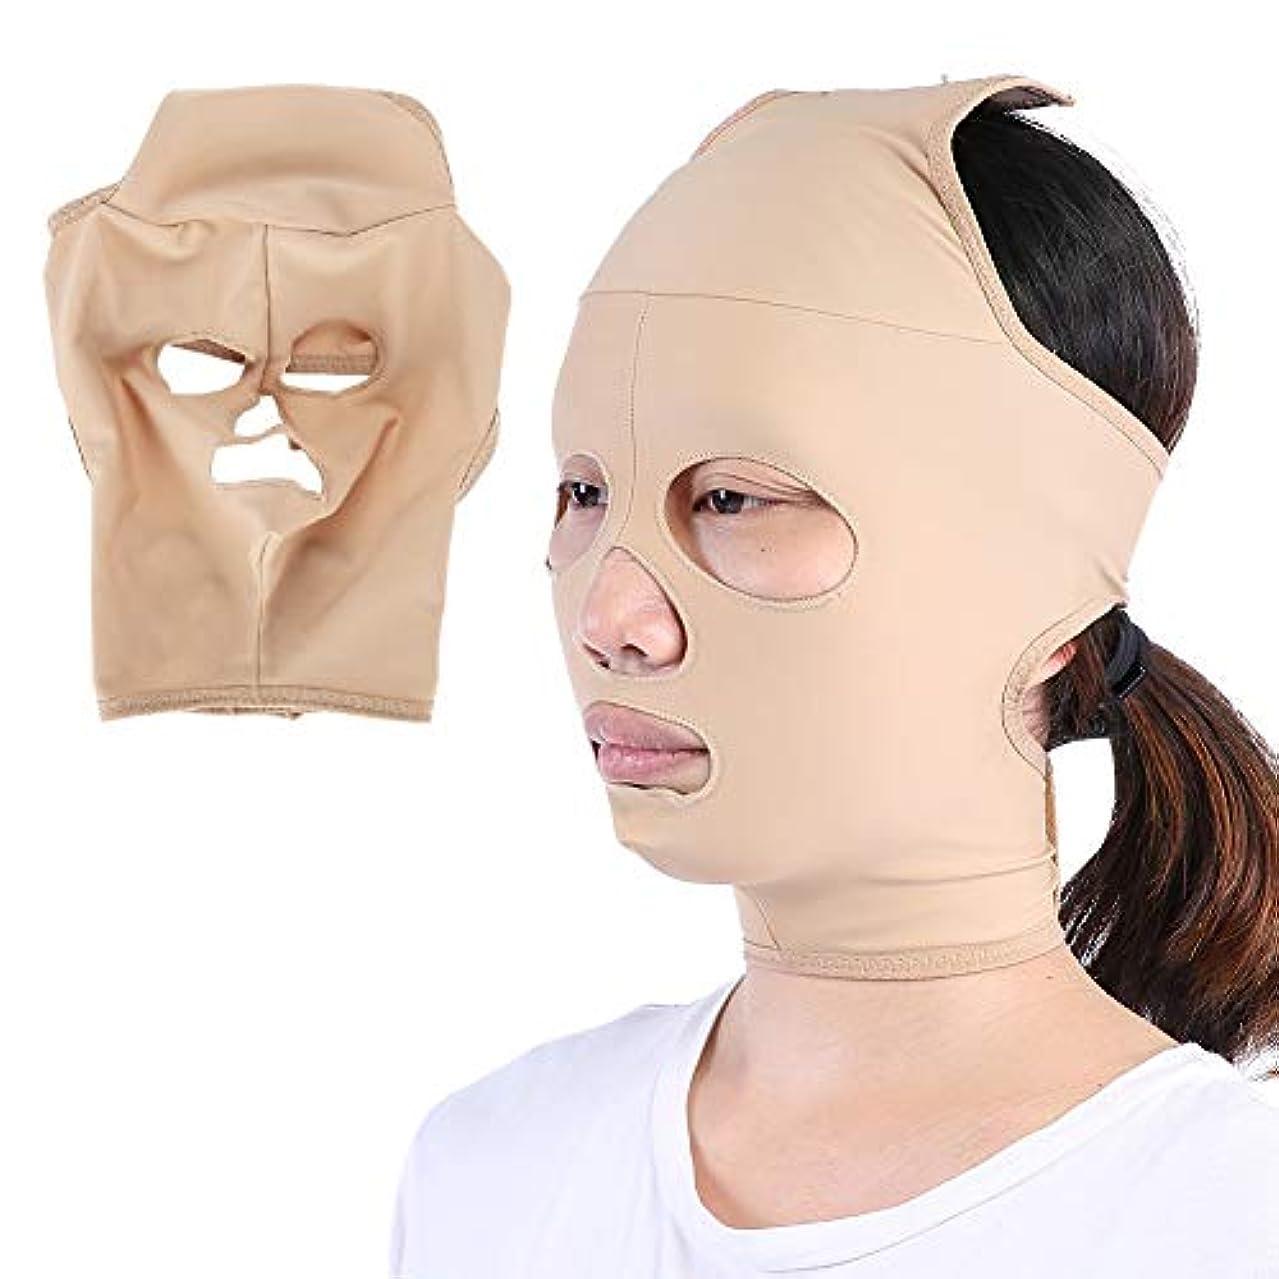 不完全な電極脱走顔の减量のベルト、完全なカバレッジ 顔のVラインを向上させる 二重顎を減らす二重顎、スキンケア包帯(S)